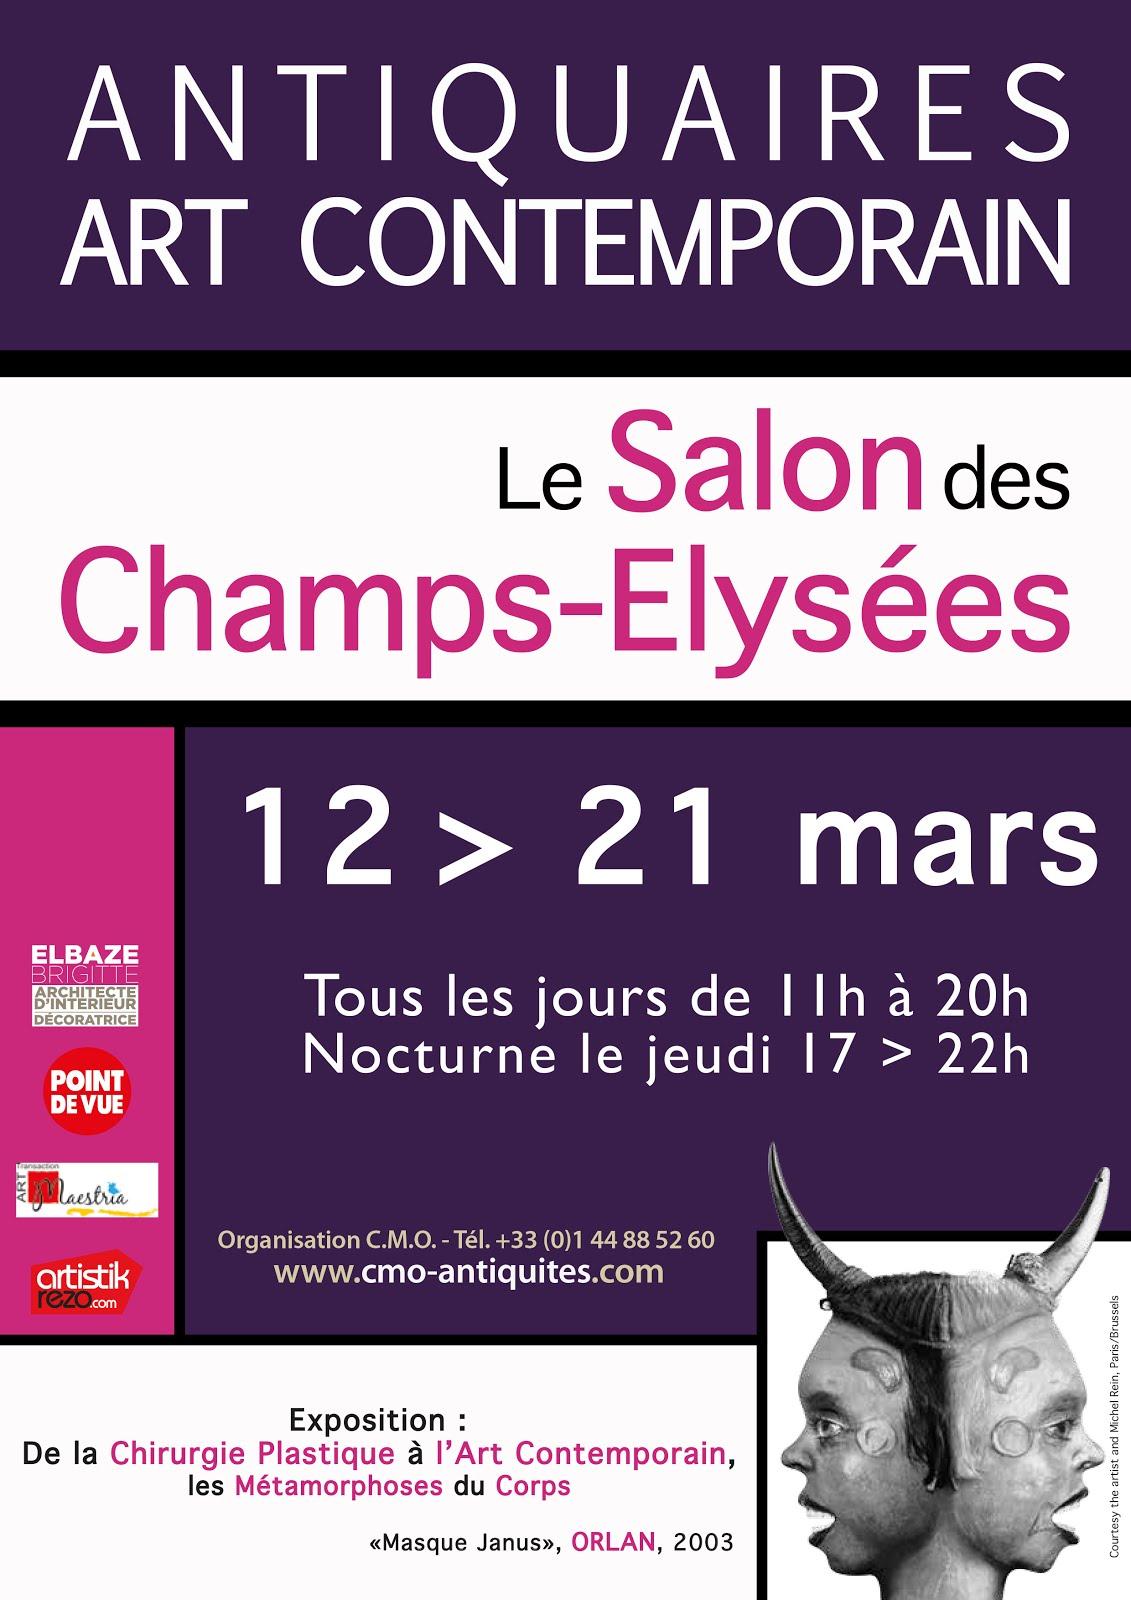 PARIS : LE FLOCH & LE FLOCH PRÉSENTENT CAPTON AU SALON DES CHAMPS ÉLYSÉES